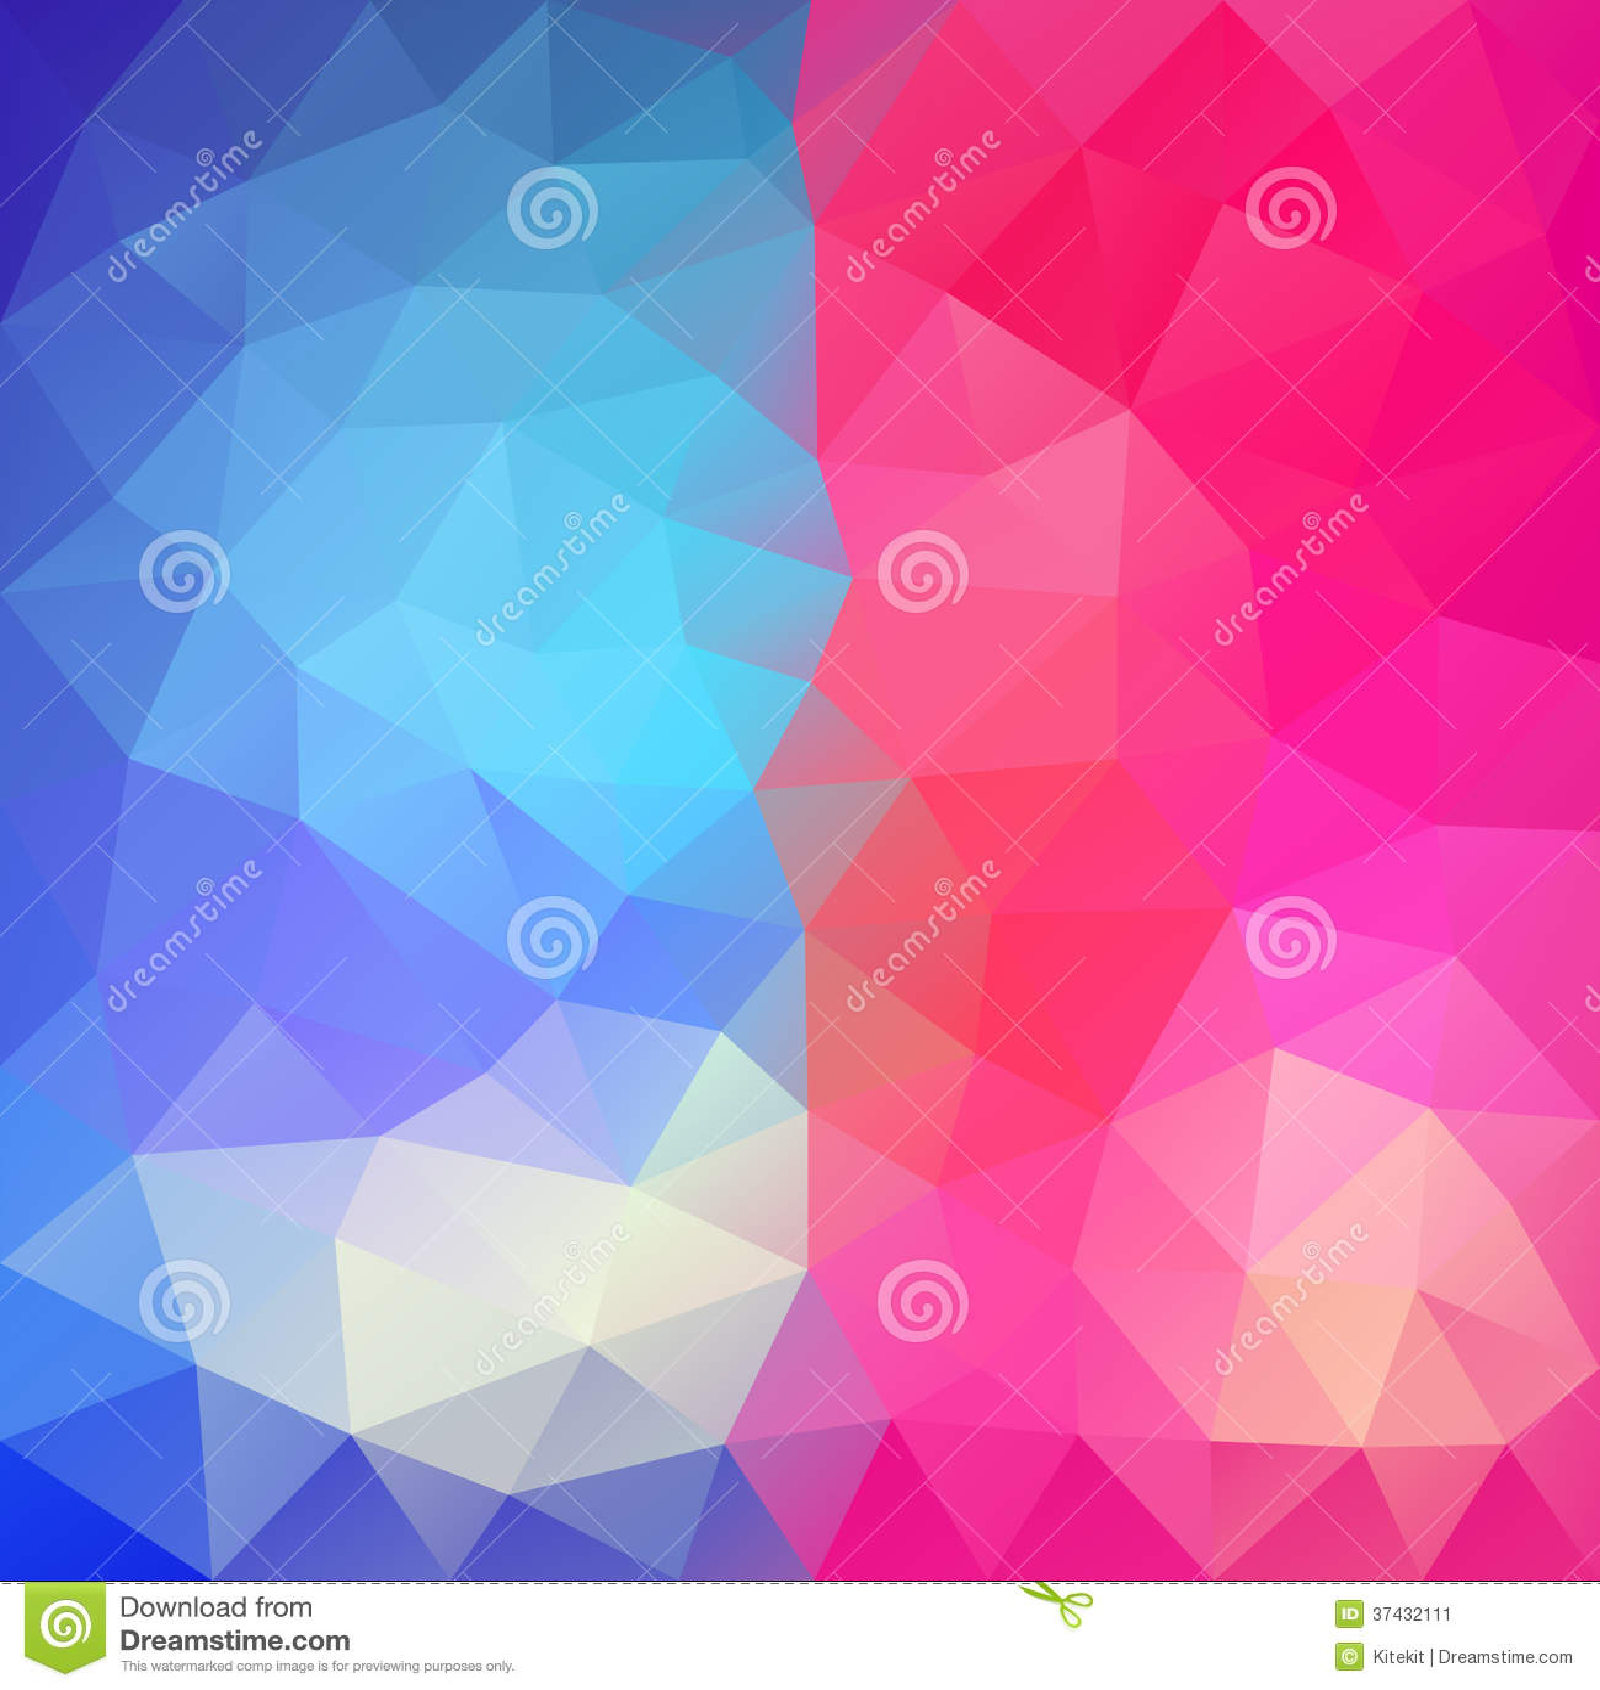 Iphone X Frame Wallpaper Blauw Roze Abstracte Veelhoekige Achtergrond Vector